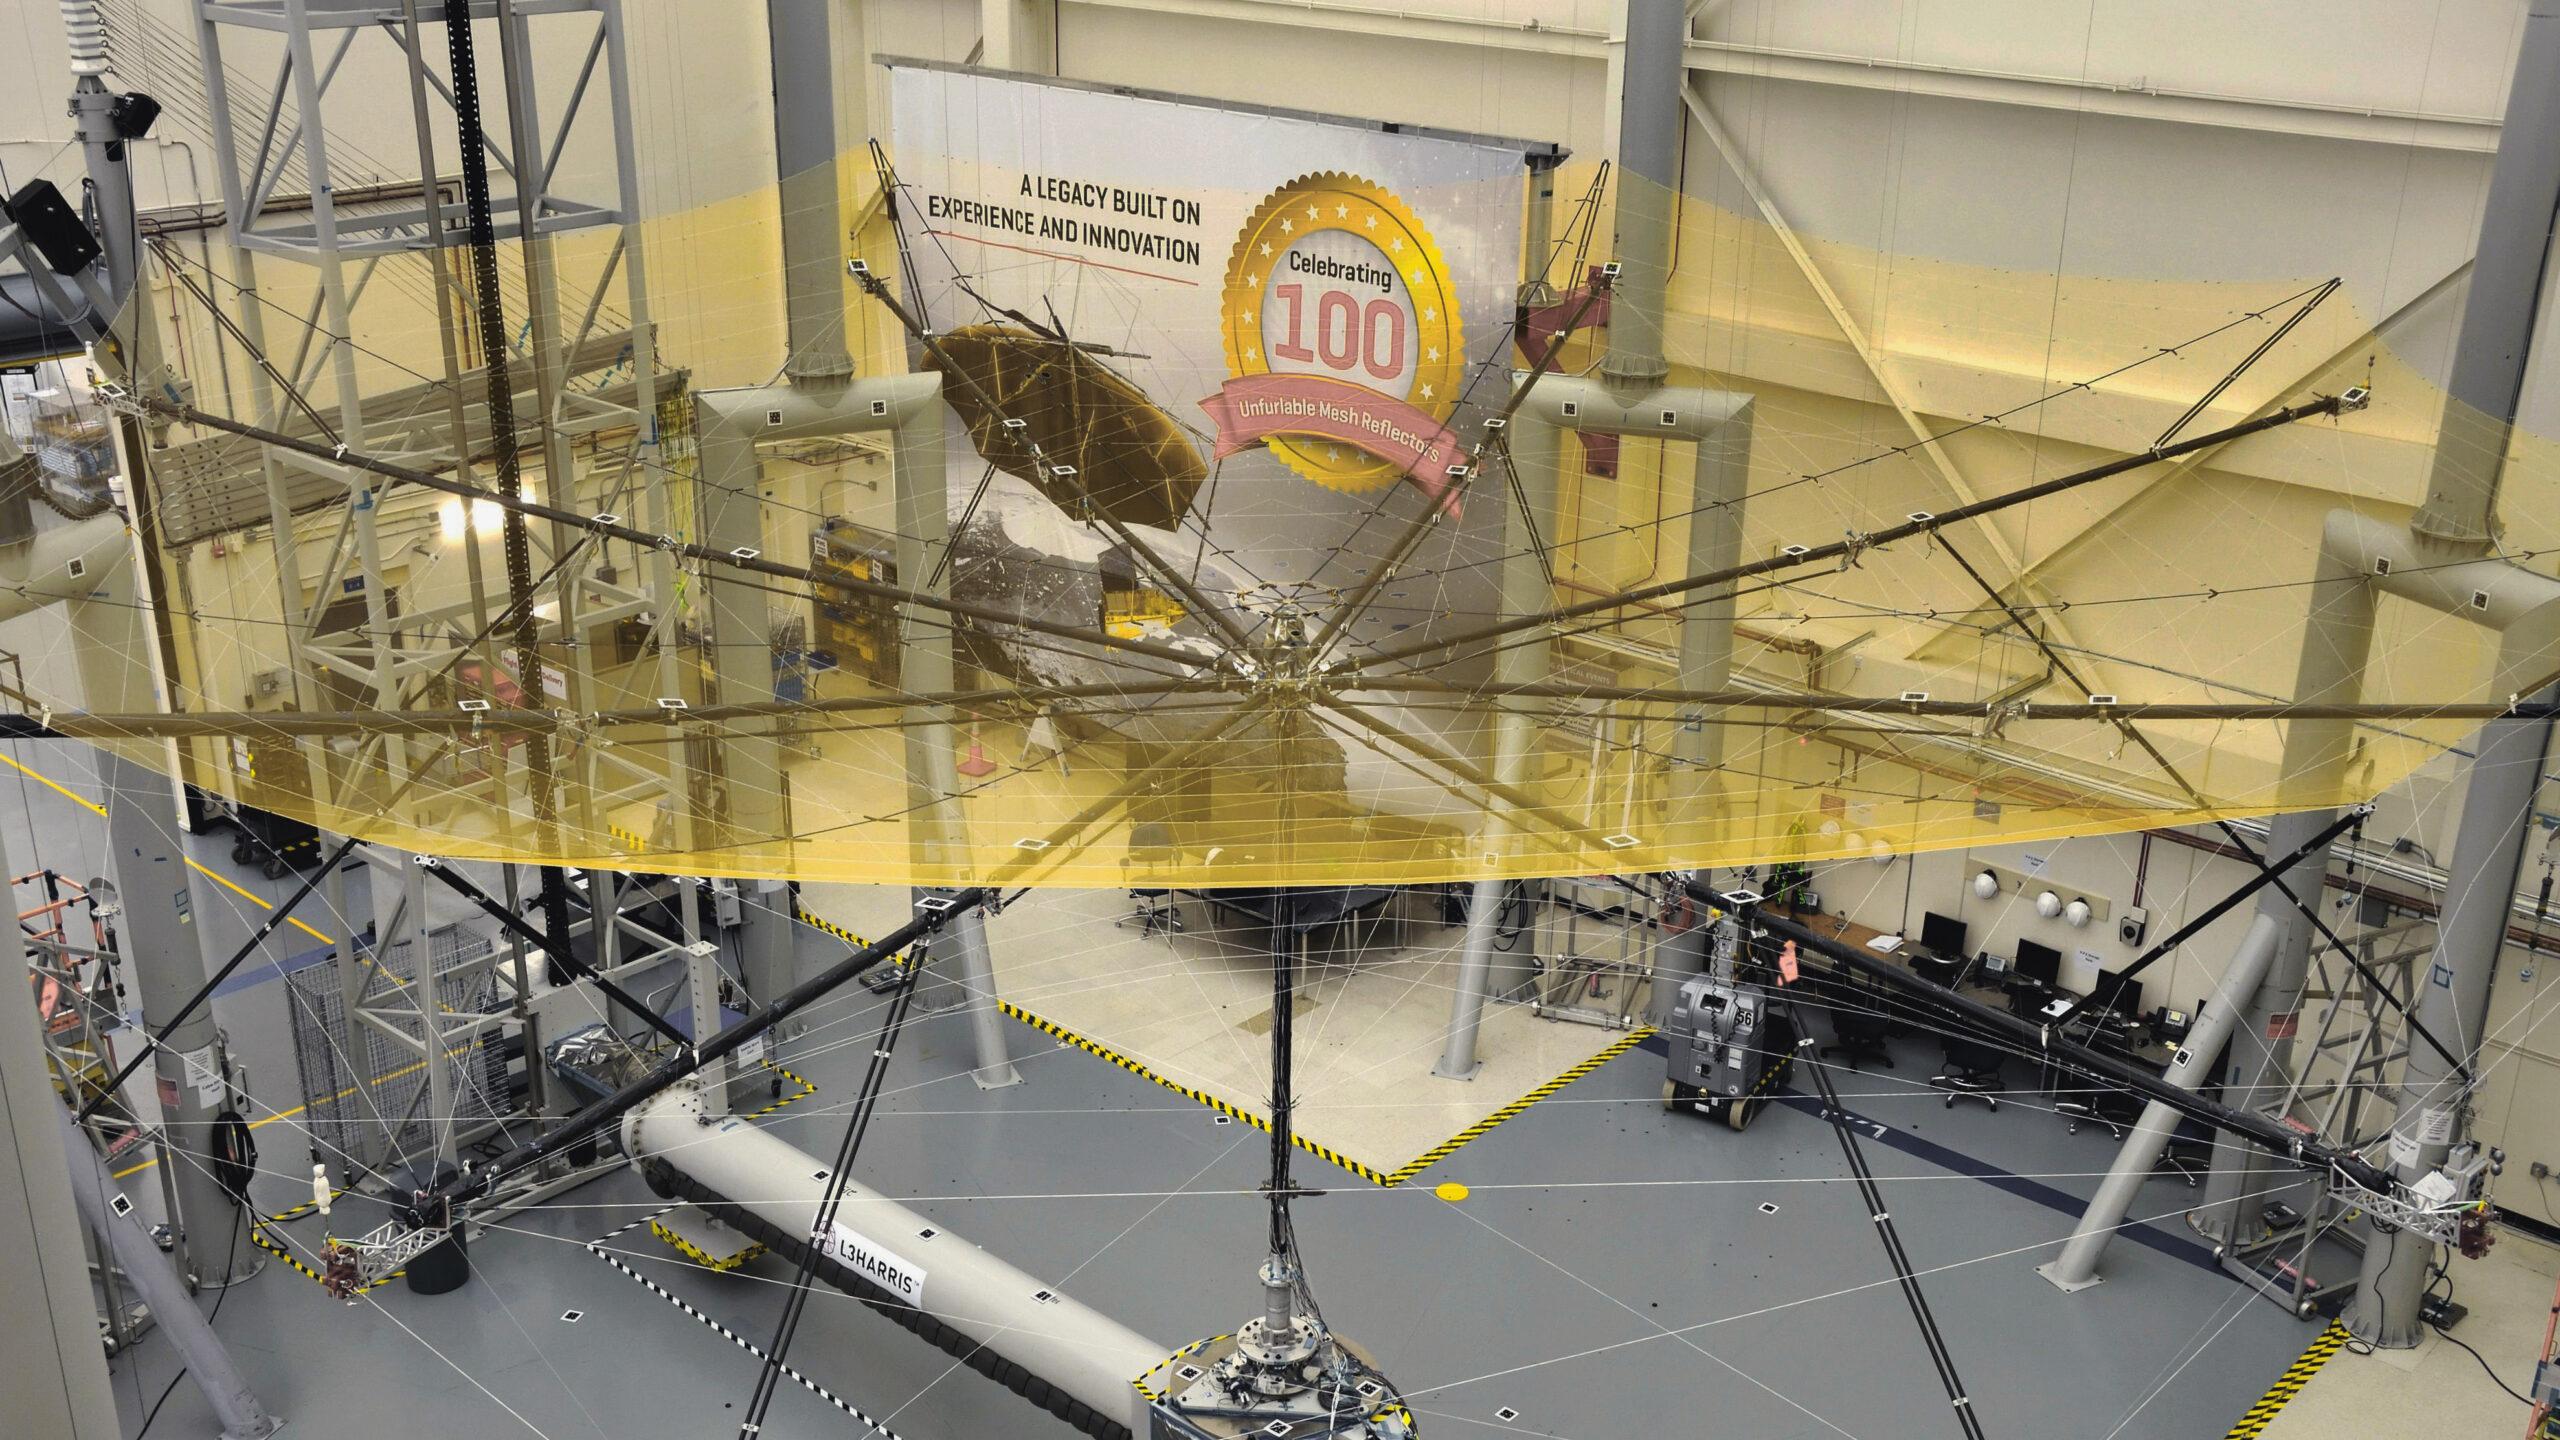 Airbus Satelite Biomass